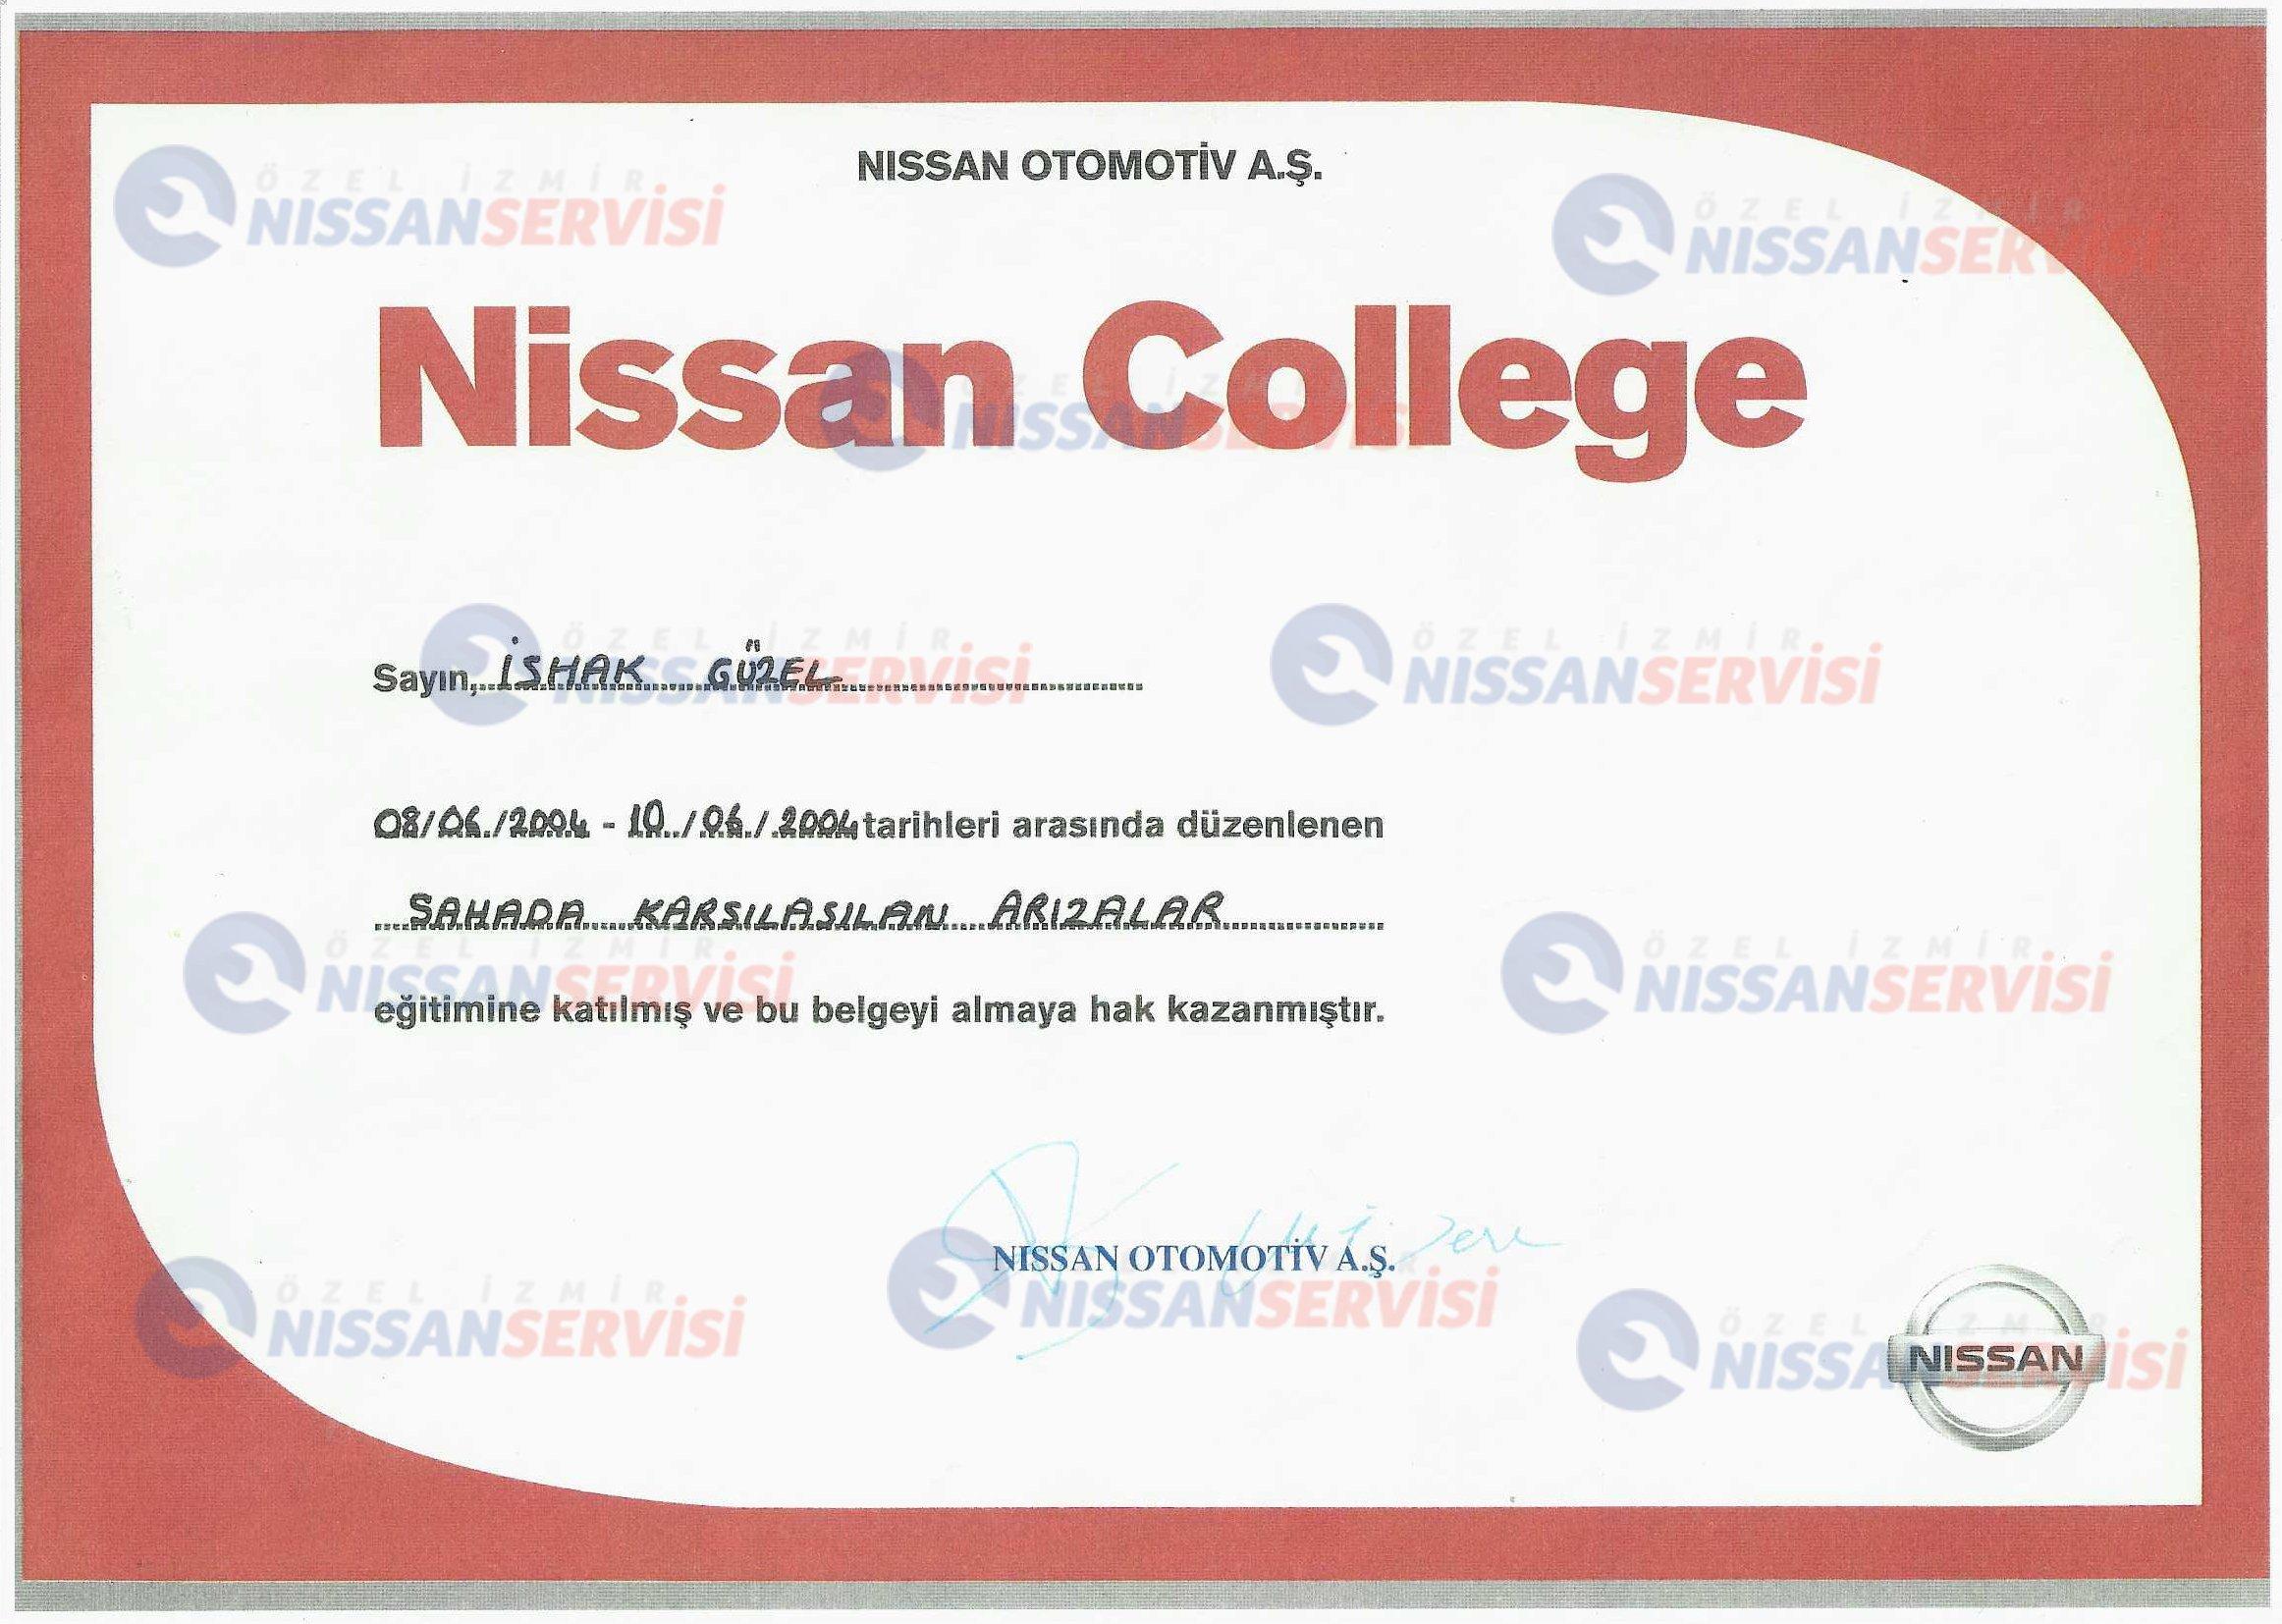 Nissan Otomotiv A.Ş. Eğitim Sertifikası